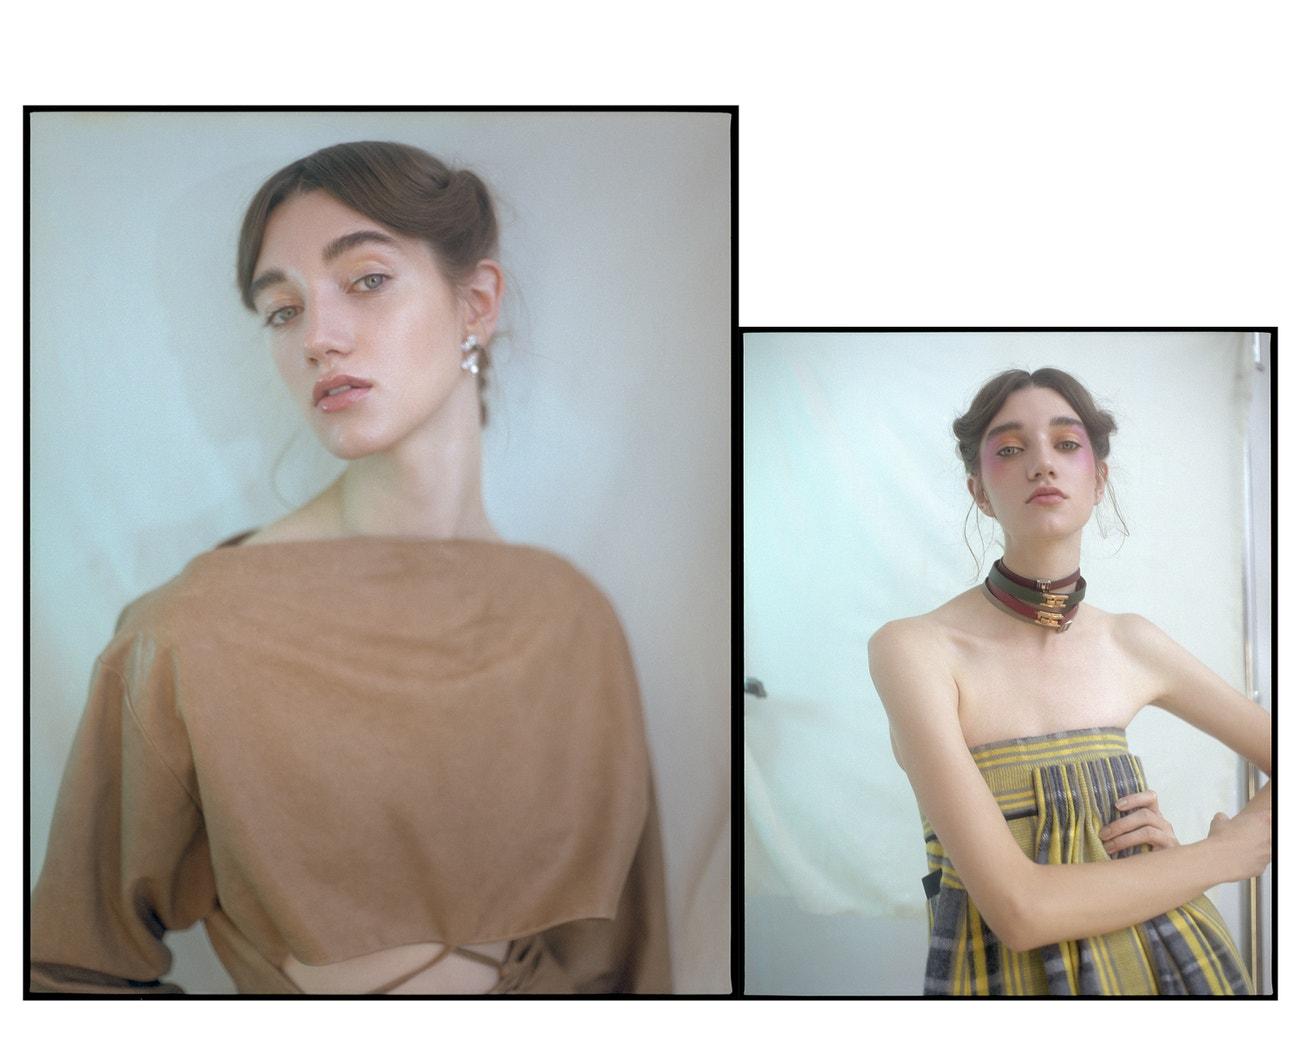 """Vlevo: Rozjasňující krém s vodní texturou Synchro Skin Illuminator v odstínu Pure Gold, Shiseido, 1050 Kč.  Platinové náušnice s diamanty Paper Flower, Tiffany & Co., 428 000 Kč; kožený kabát, Nehera (prodává Fashion Therapy), 29 900 Kč.  Vpravo: Metalický highlighter Killawatt Foil v odstínu Mimosa Sunrise/Sangria Sunset, Fenty Beauty (od 7. září prodává Sephora), 900 Kč.  Sukně (jako šaty), 62 400 Kč; zelený náramek, 14 400 Kč, červený náramek se zlatou sponou, 14 400 Kč, náramek """"A to Z"""", 11 600 Kč, vše Hermès."""